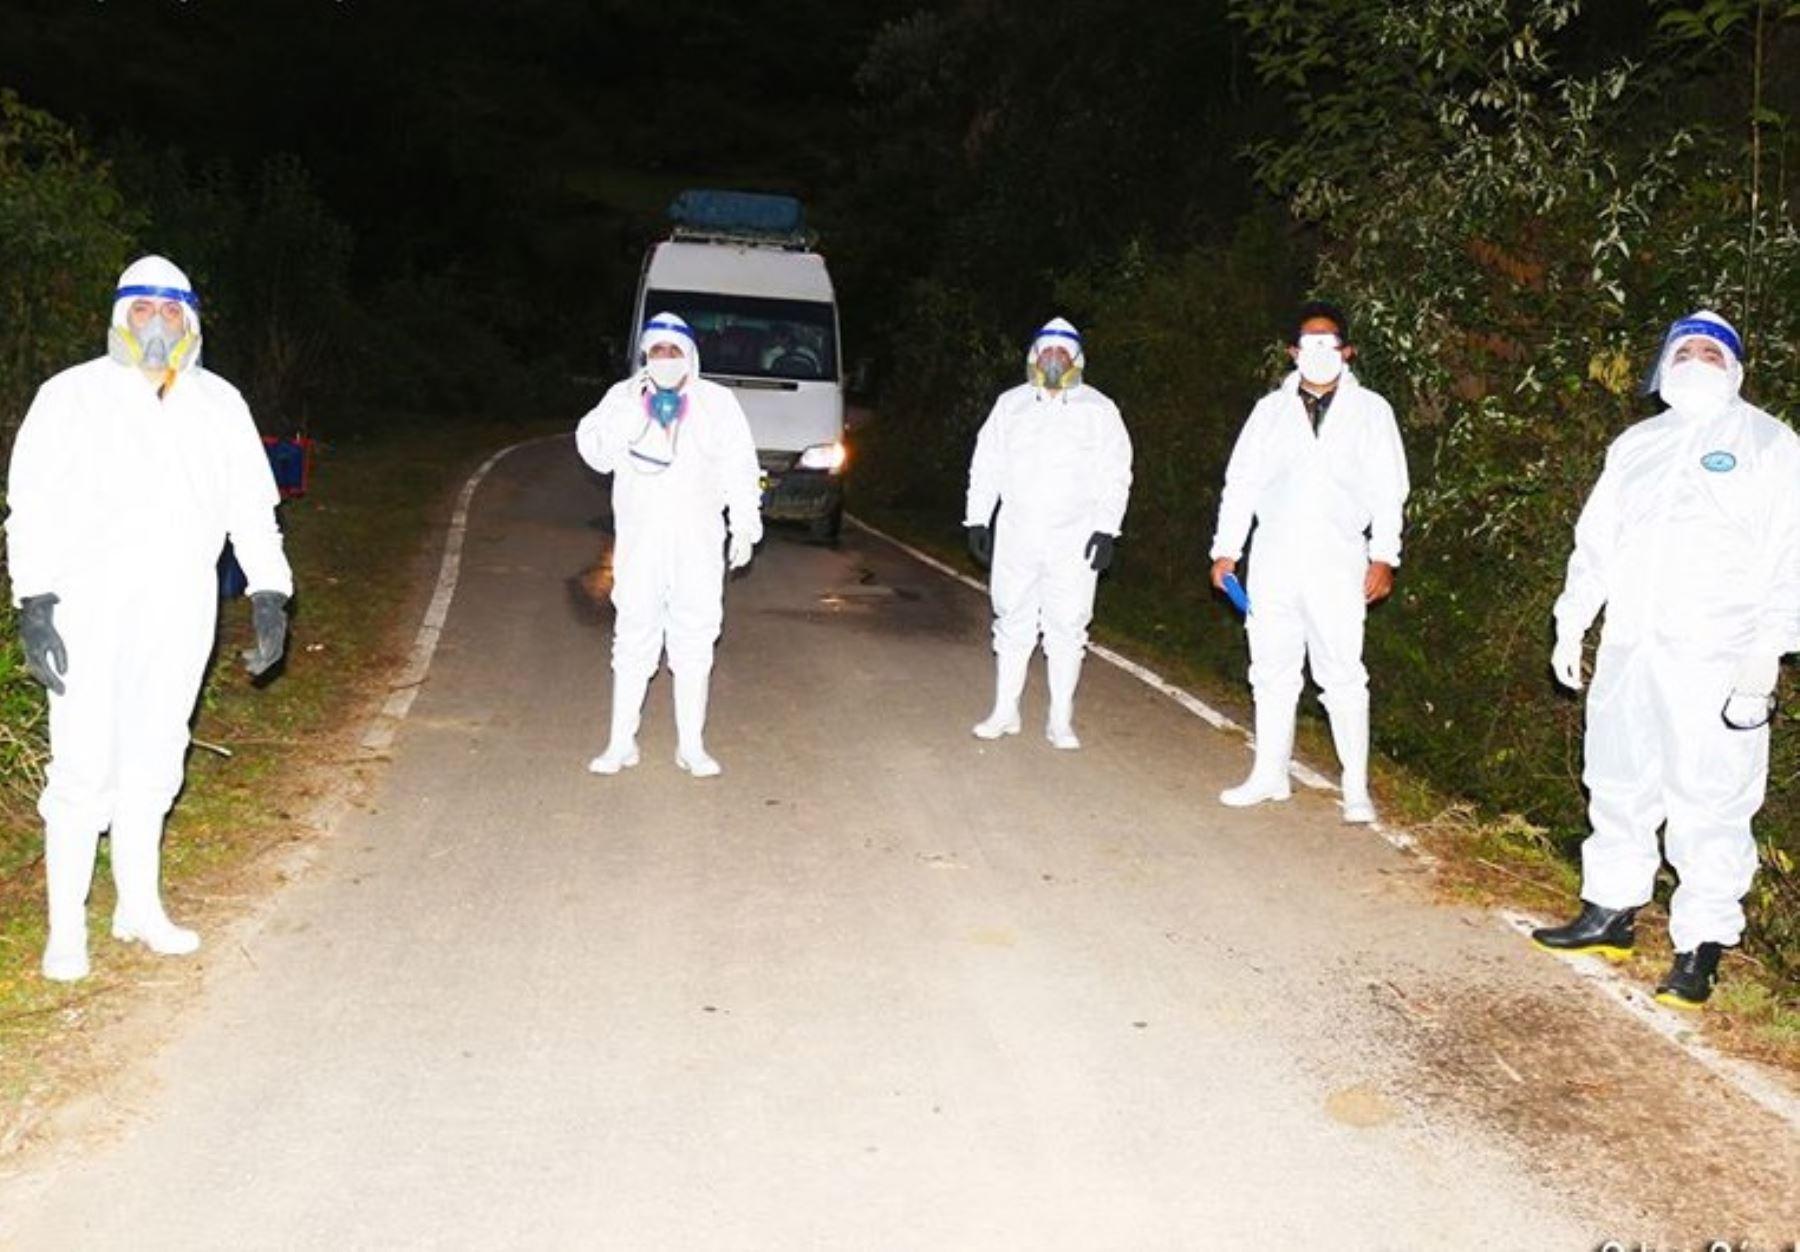 Una buena noticia. 16 distritos de la zona andina de La Libertad no han reportado hasta hoy casos de coronavirus gracias al trabajo conjunto de autoridades y pobladores.